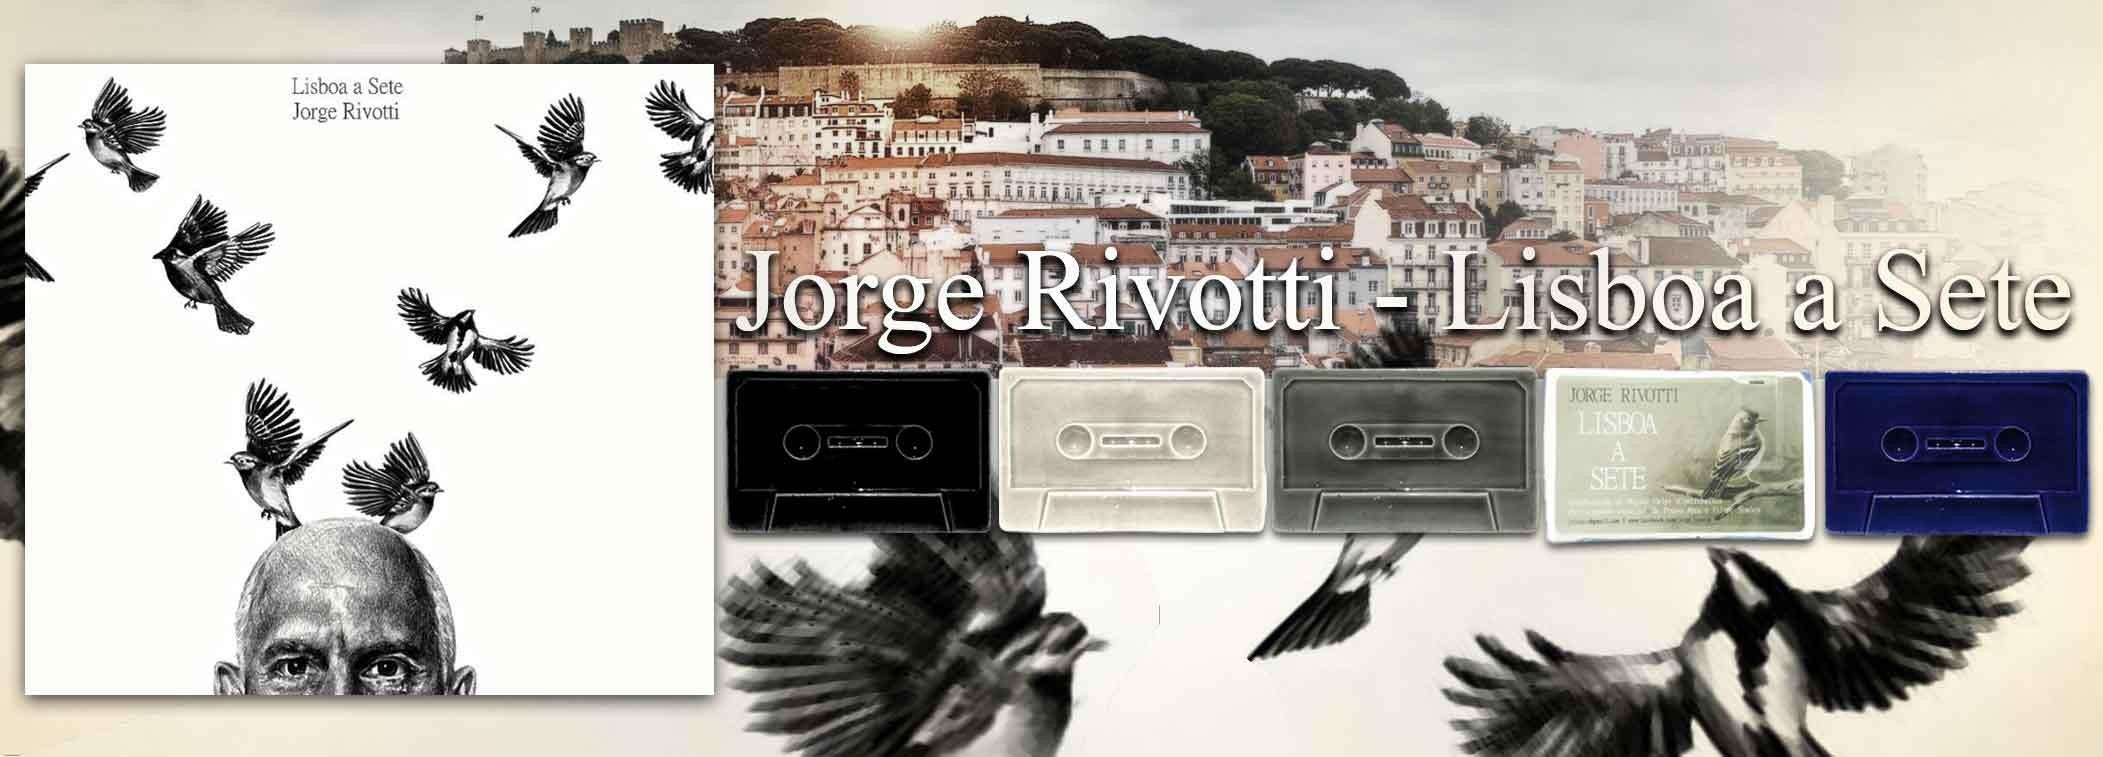 CD Jorge Rivotti Lisboa a Sete